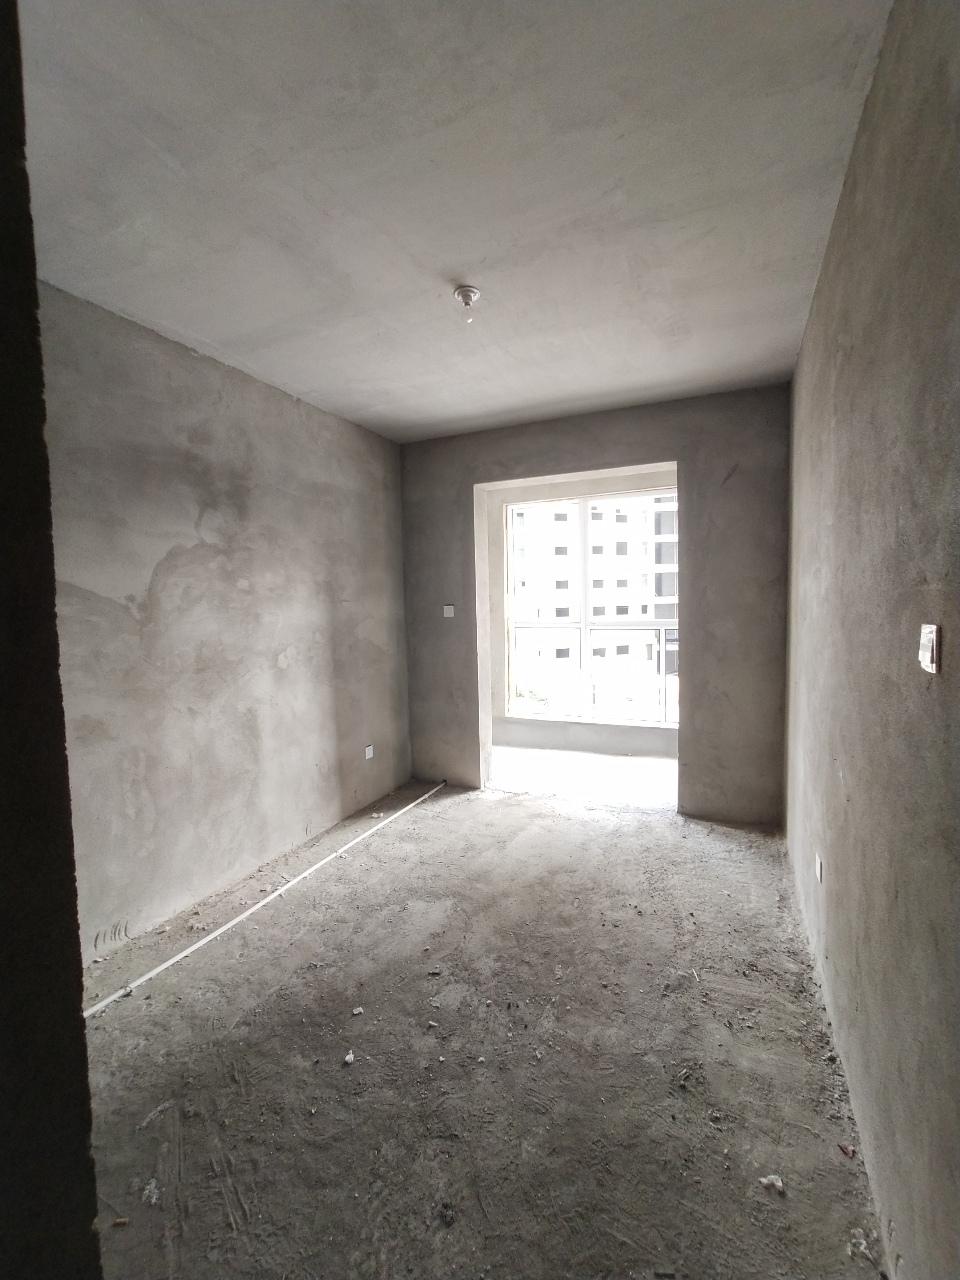 八七名苑2室 电梯好楼层 正规商品房仅售34万元